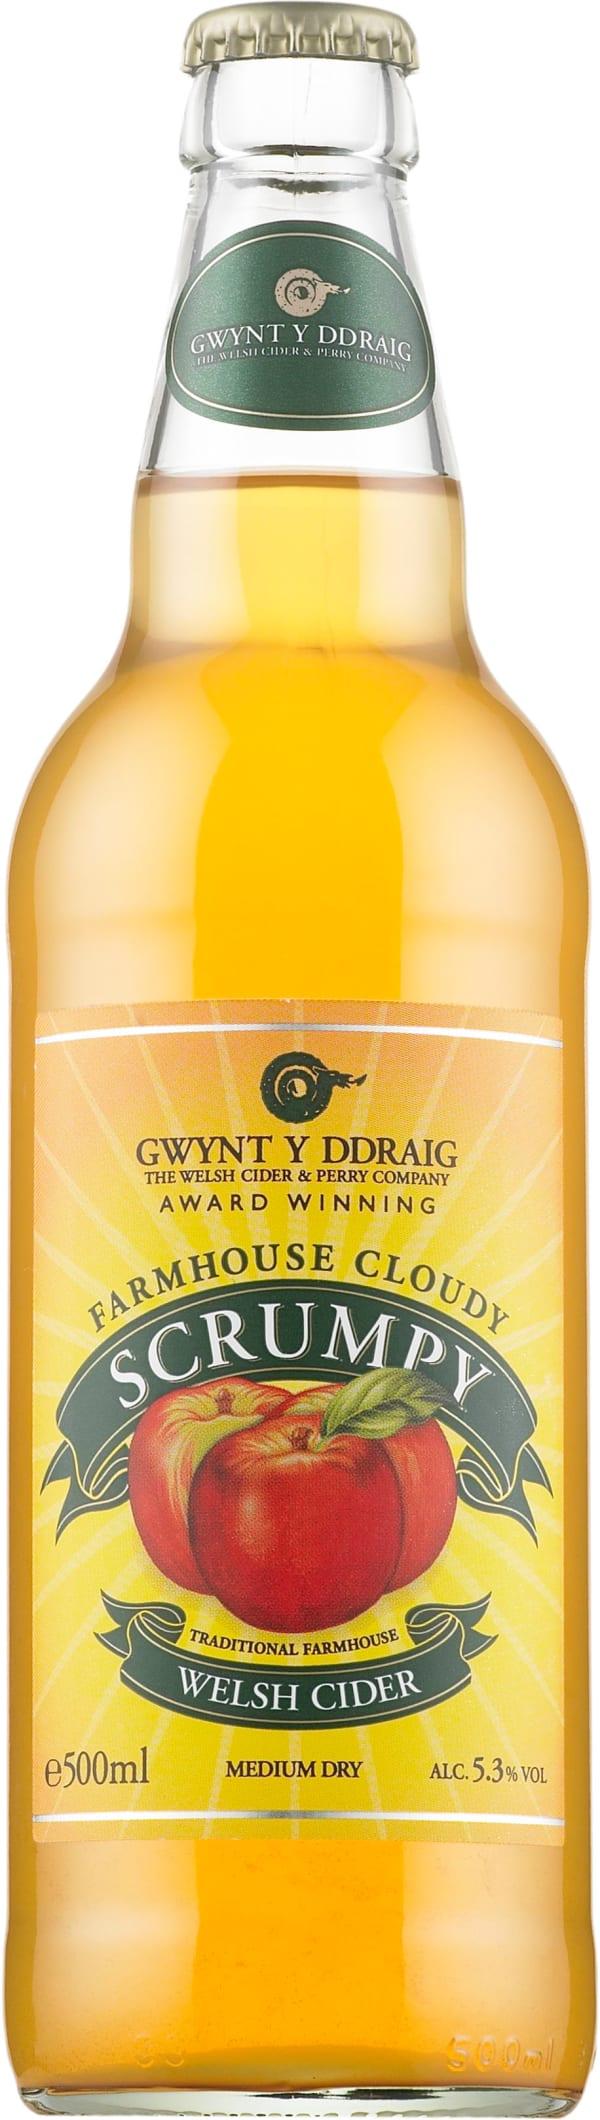 Gwynt y Ddraig Farmhouse Cloudy Scrumpy Cider